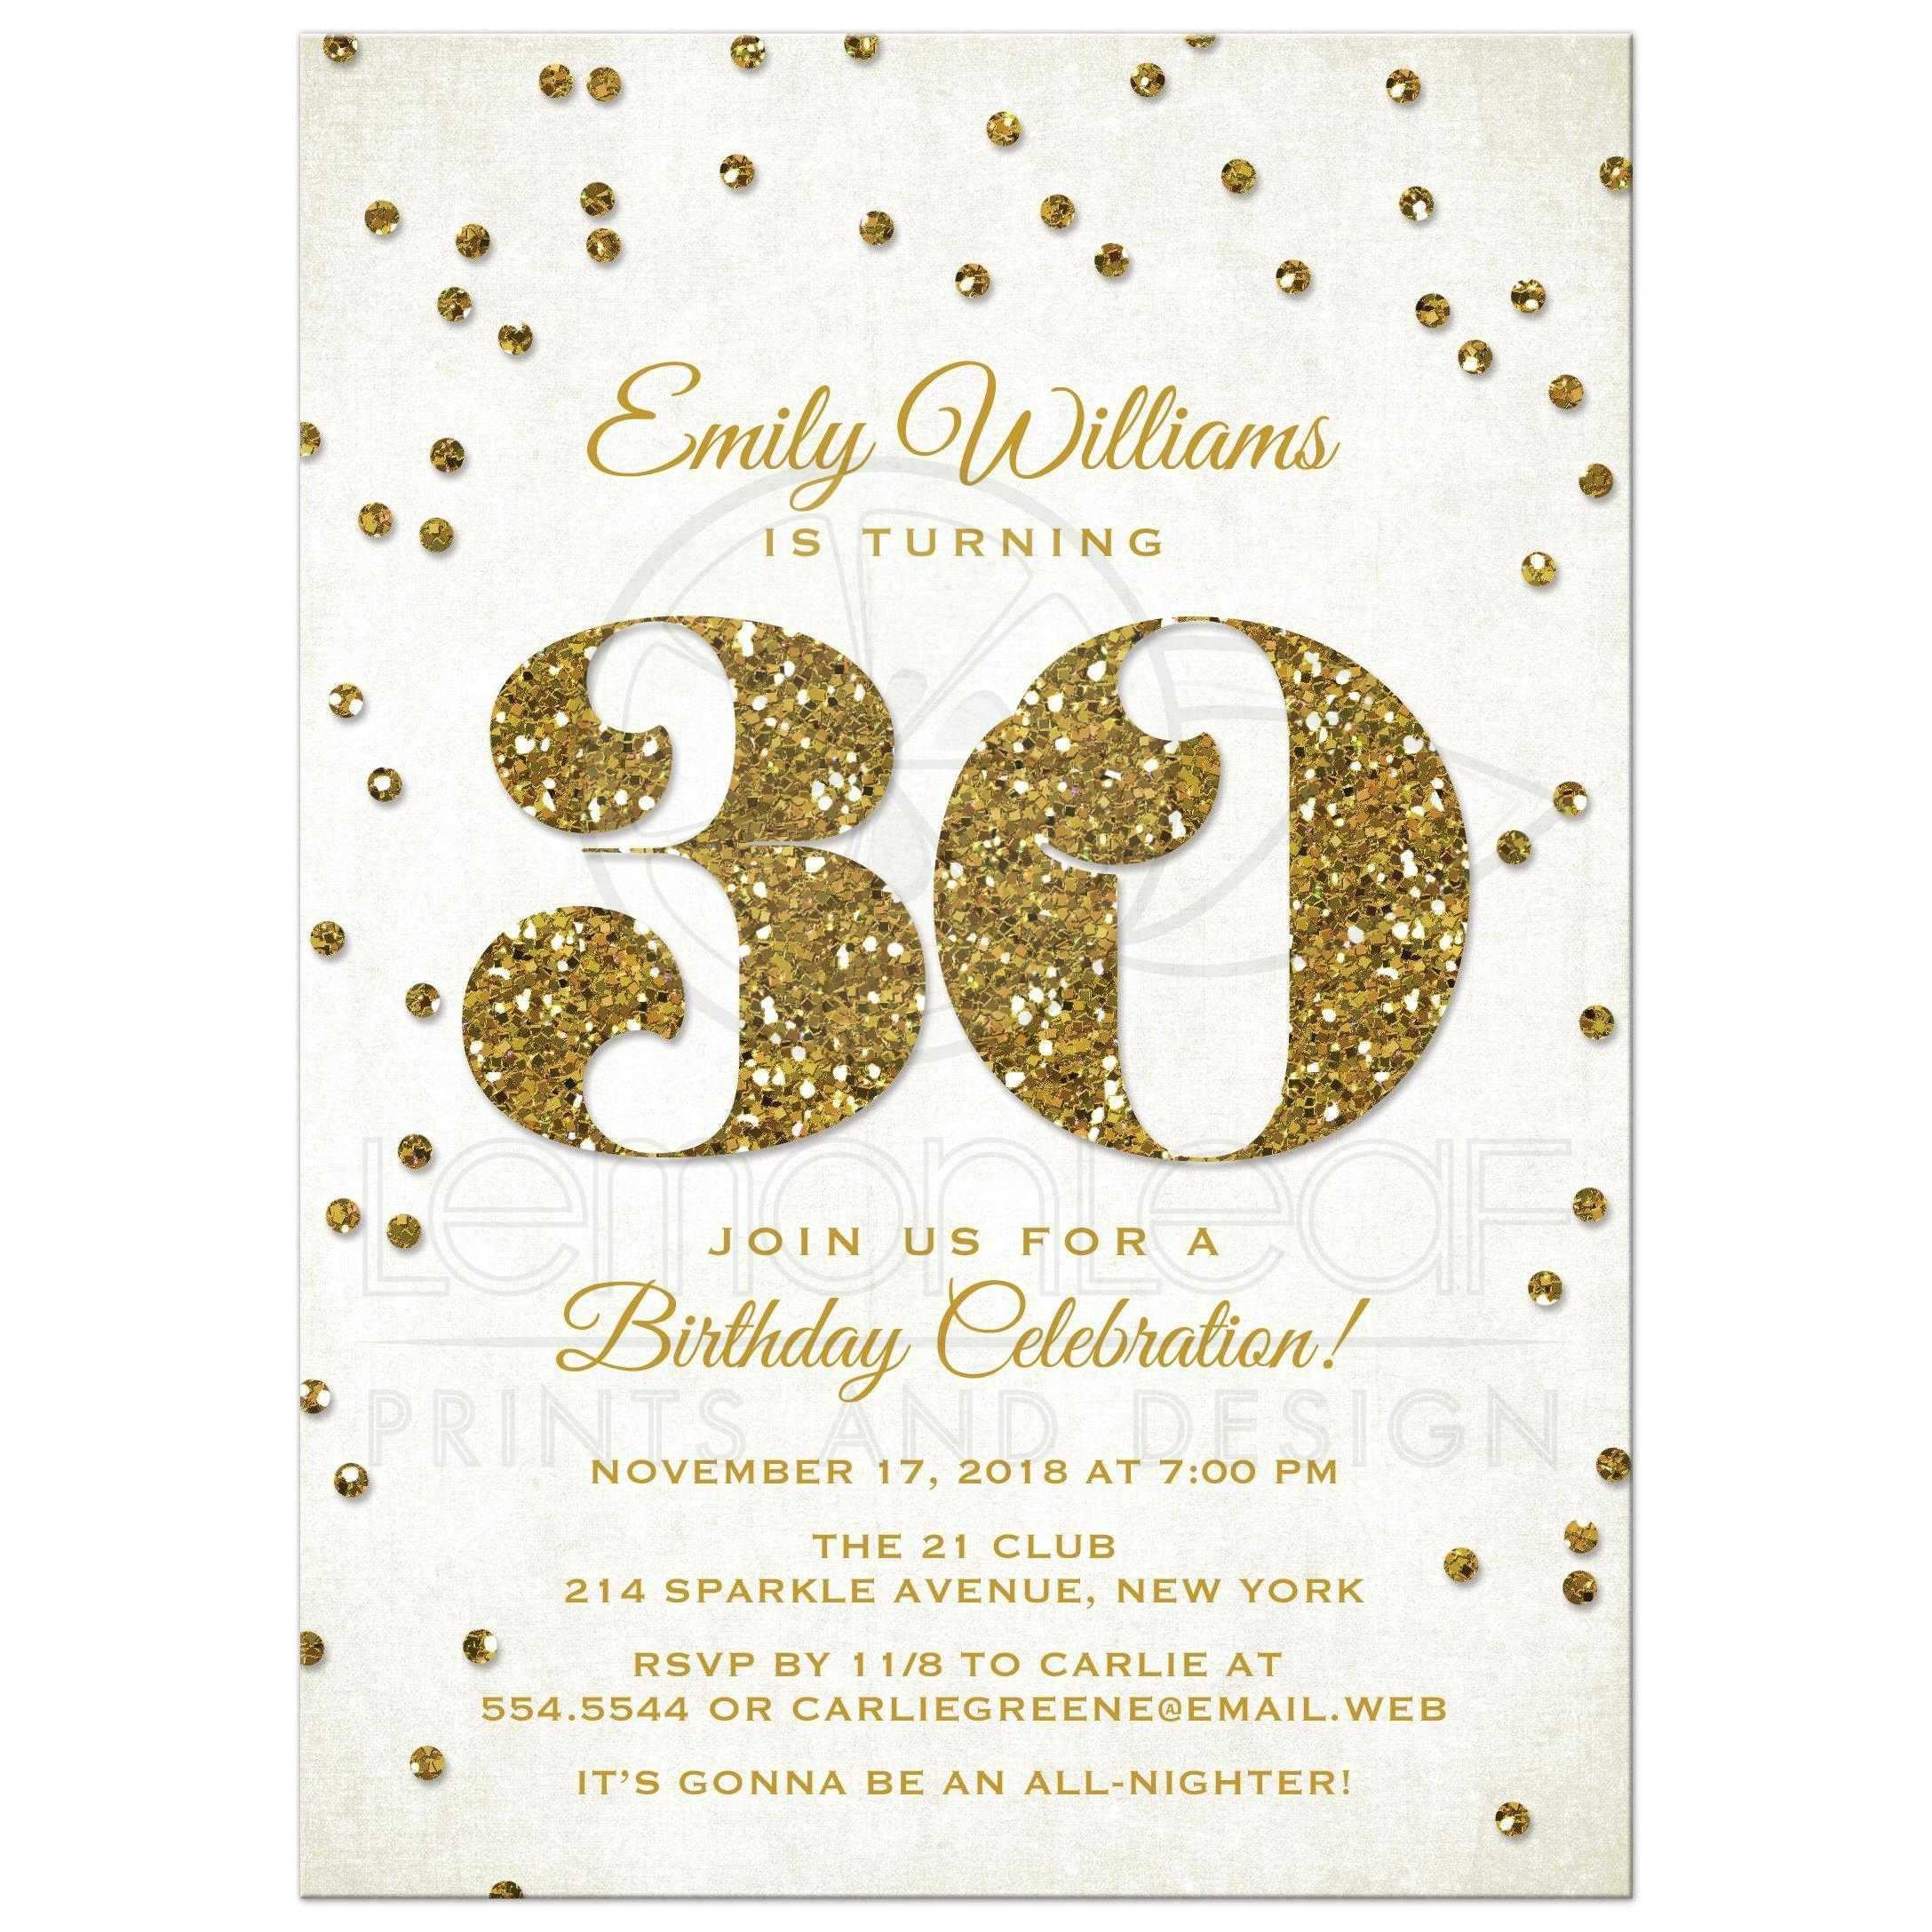 Lustige Geburtstagskarten Fur Frauen Einladung 30 Geburtstag Einladung Geburtstag Geburtstagseinladungen